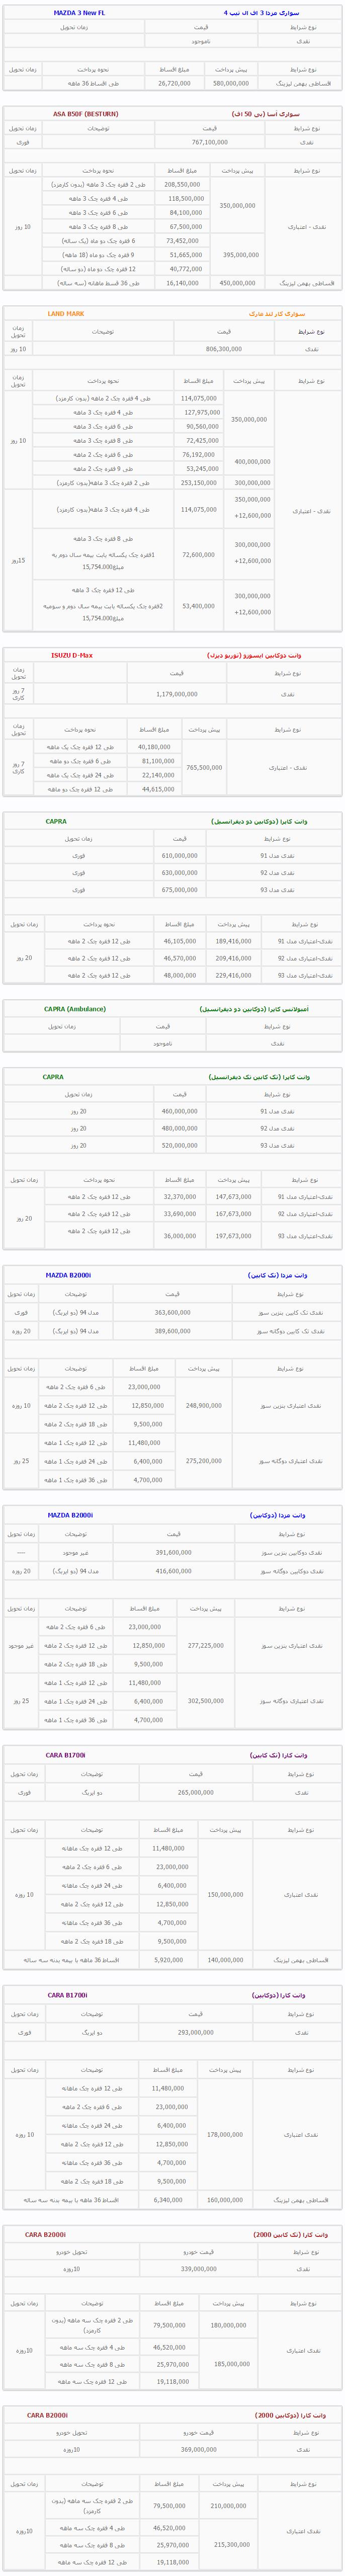 شرایط فروش محصولات گروه بهمن آذر 94